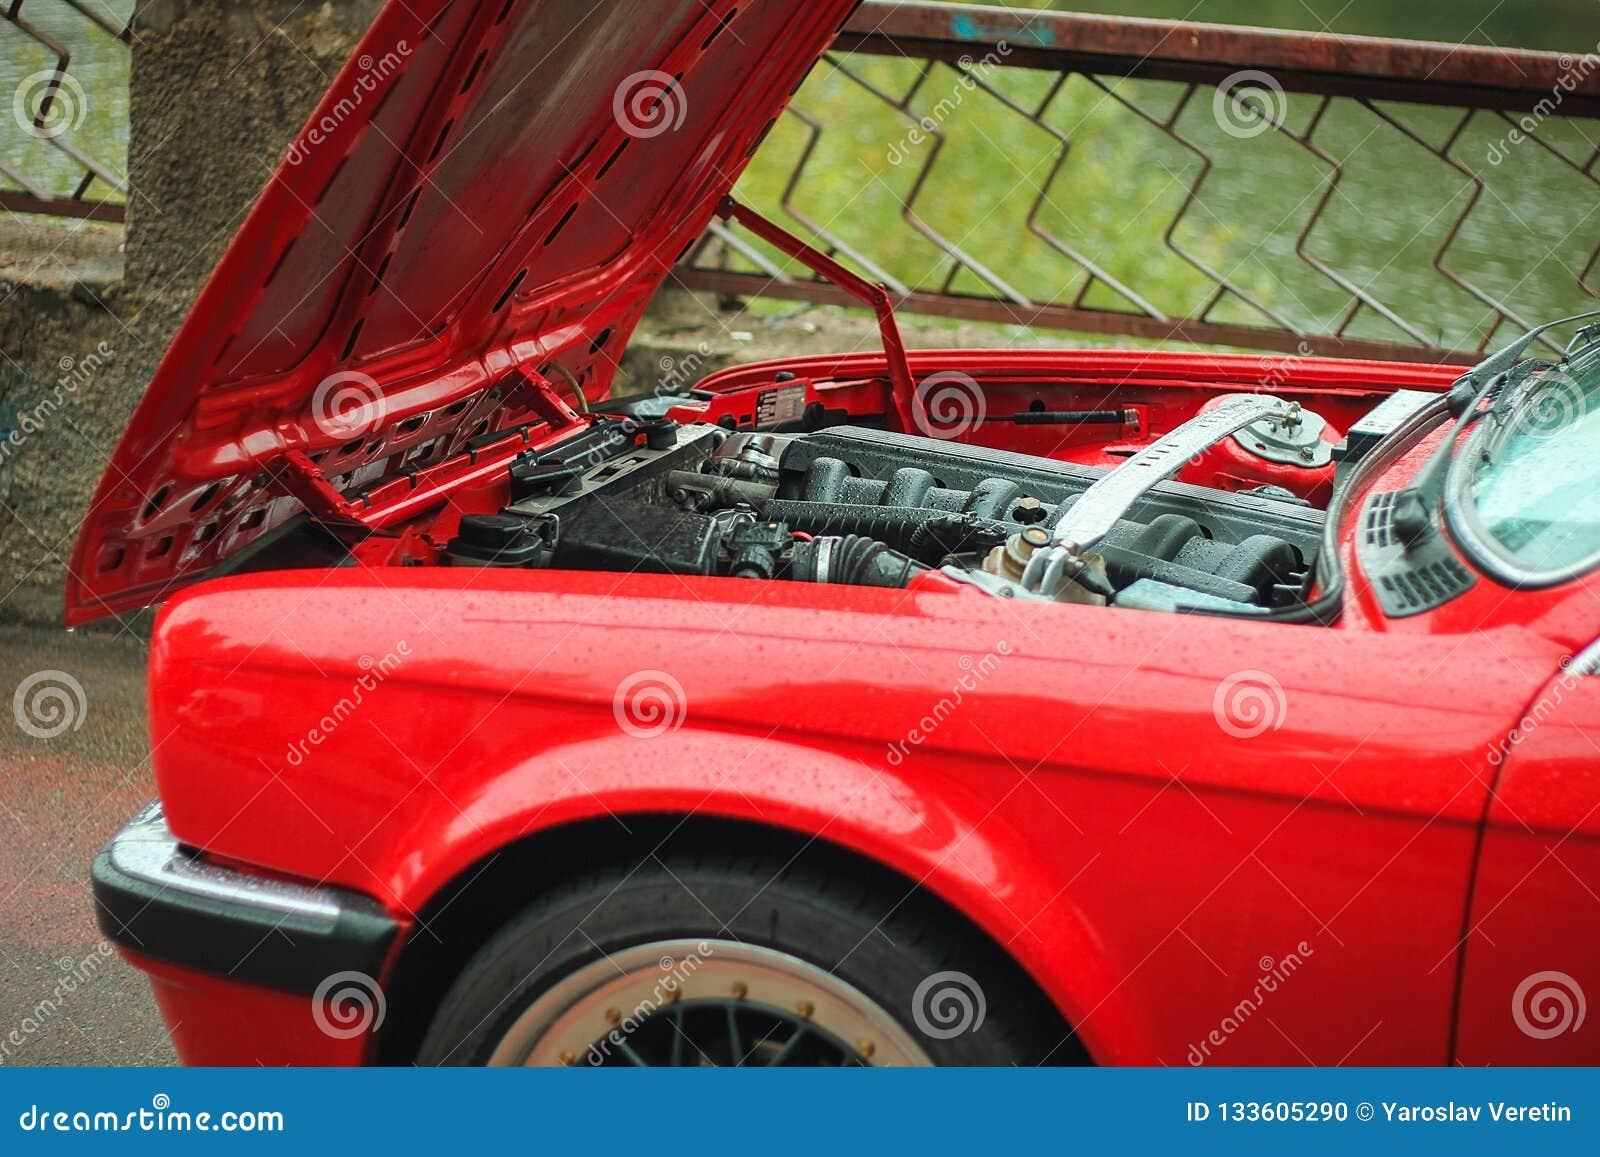 Hauben-Automechaniker des Autounfalls offener zur Kontrollzustand des Schadens